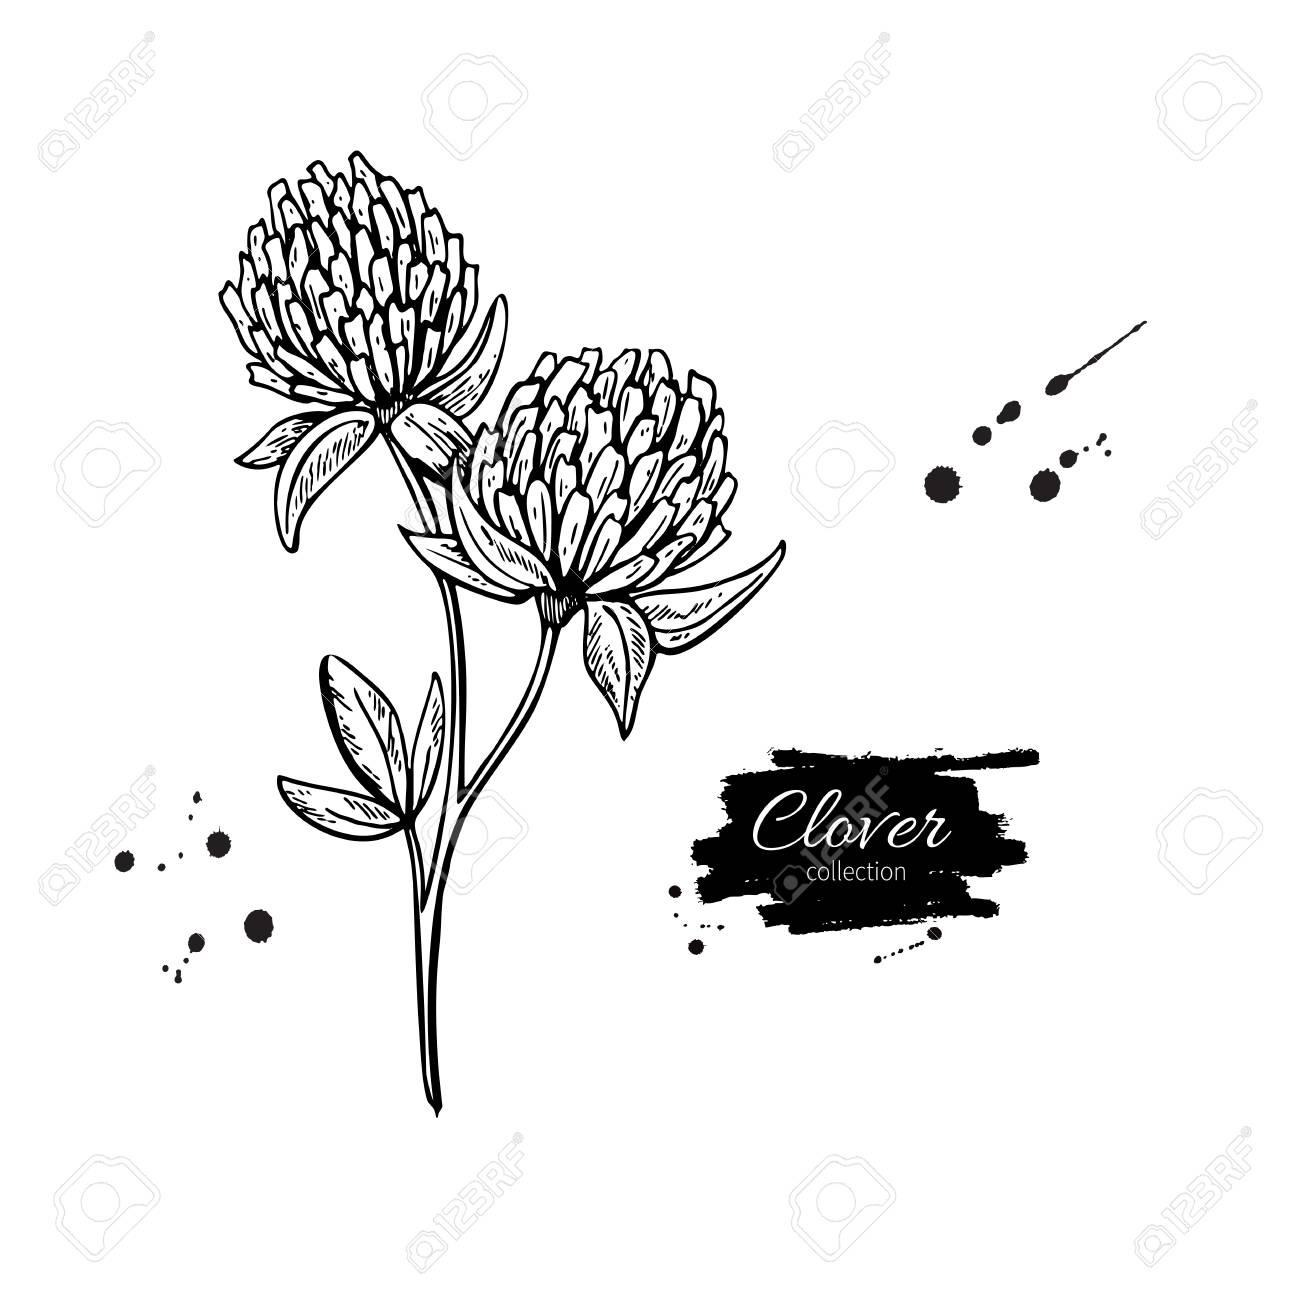 Trèfle Fleur Vecteur Dessin Ensemble Plante Et Feuilles Sauvages Isolées Illustration De Style Gravé à Base De Plantes